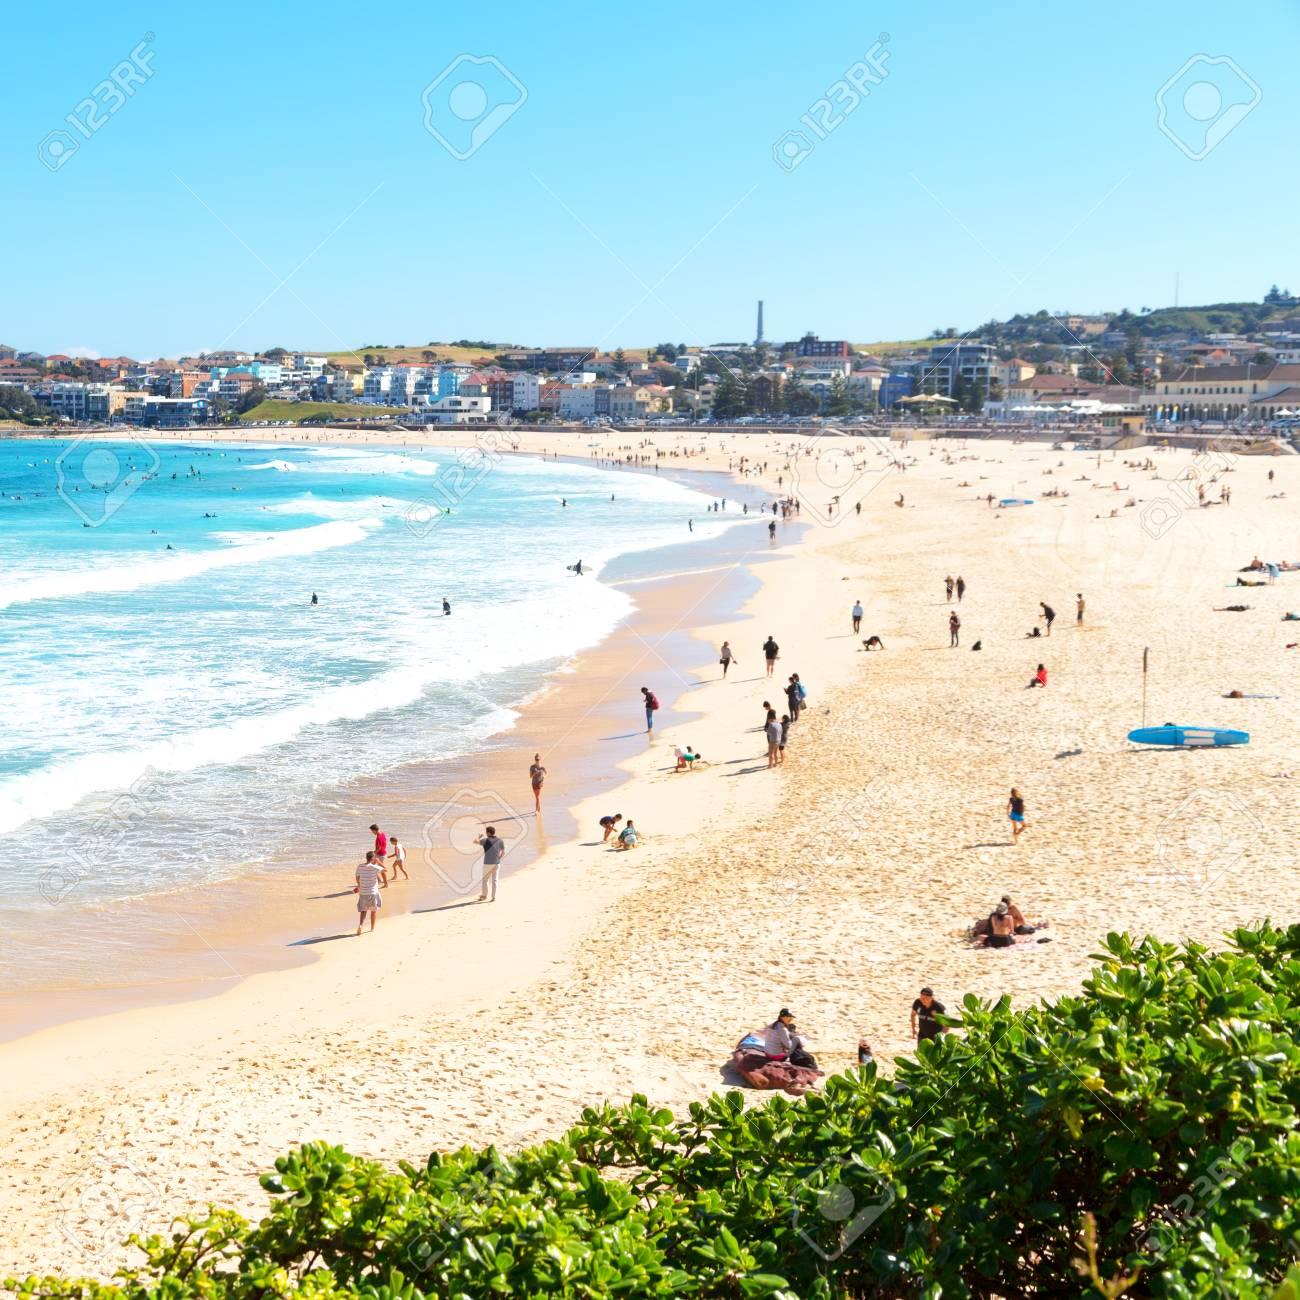 in australia people in bondie beach and the resort near ocean - 96783295